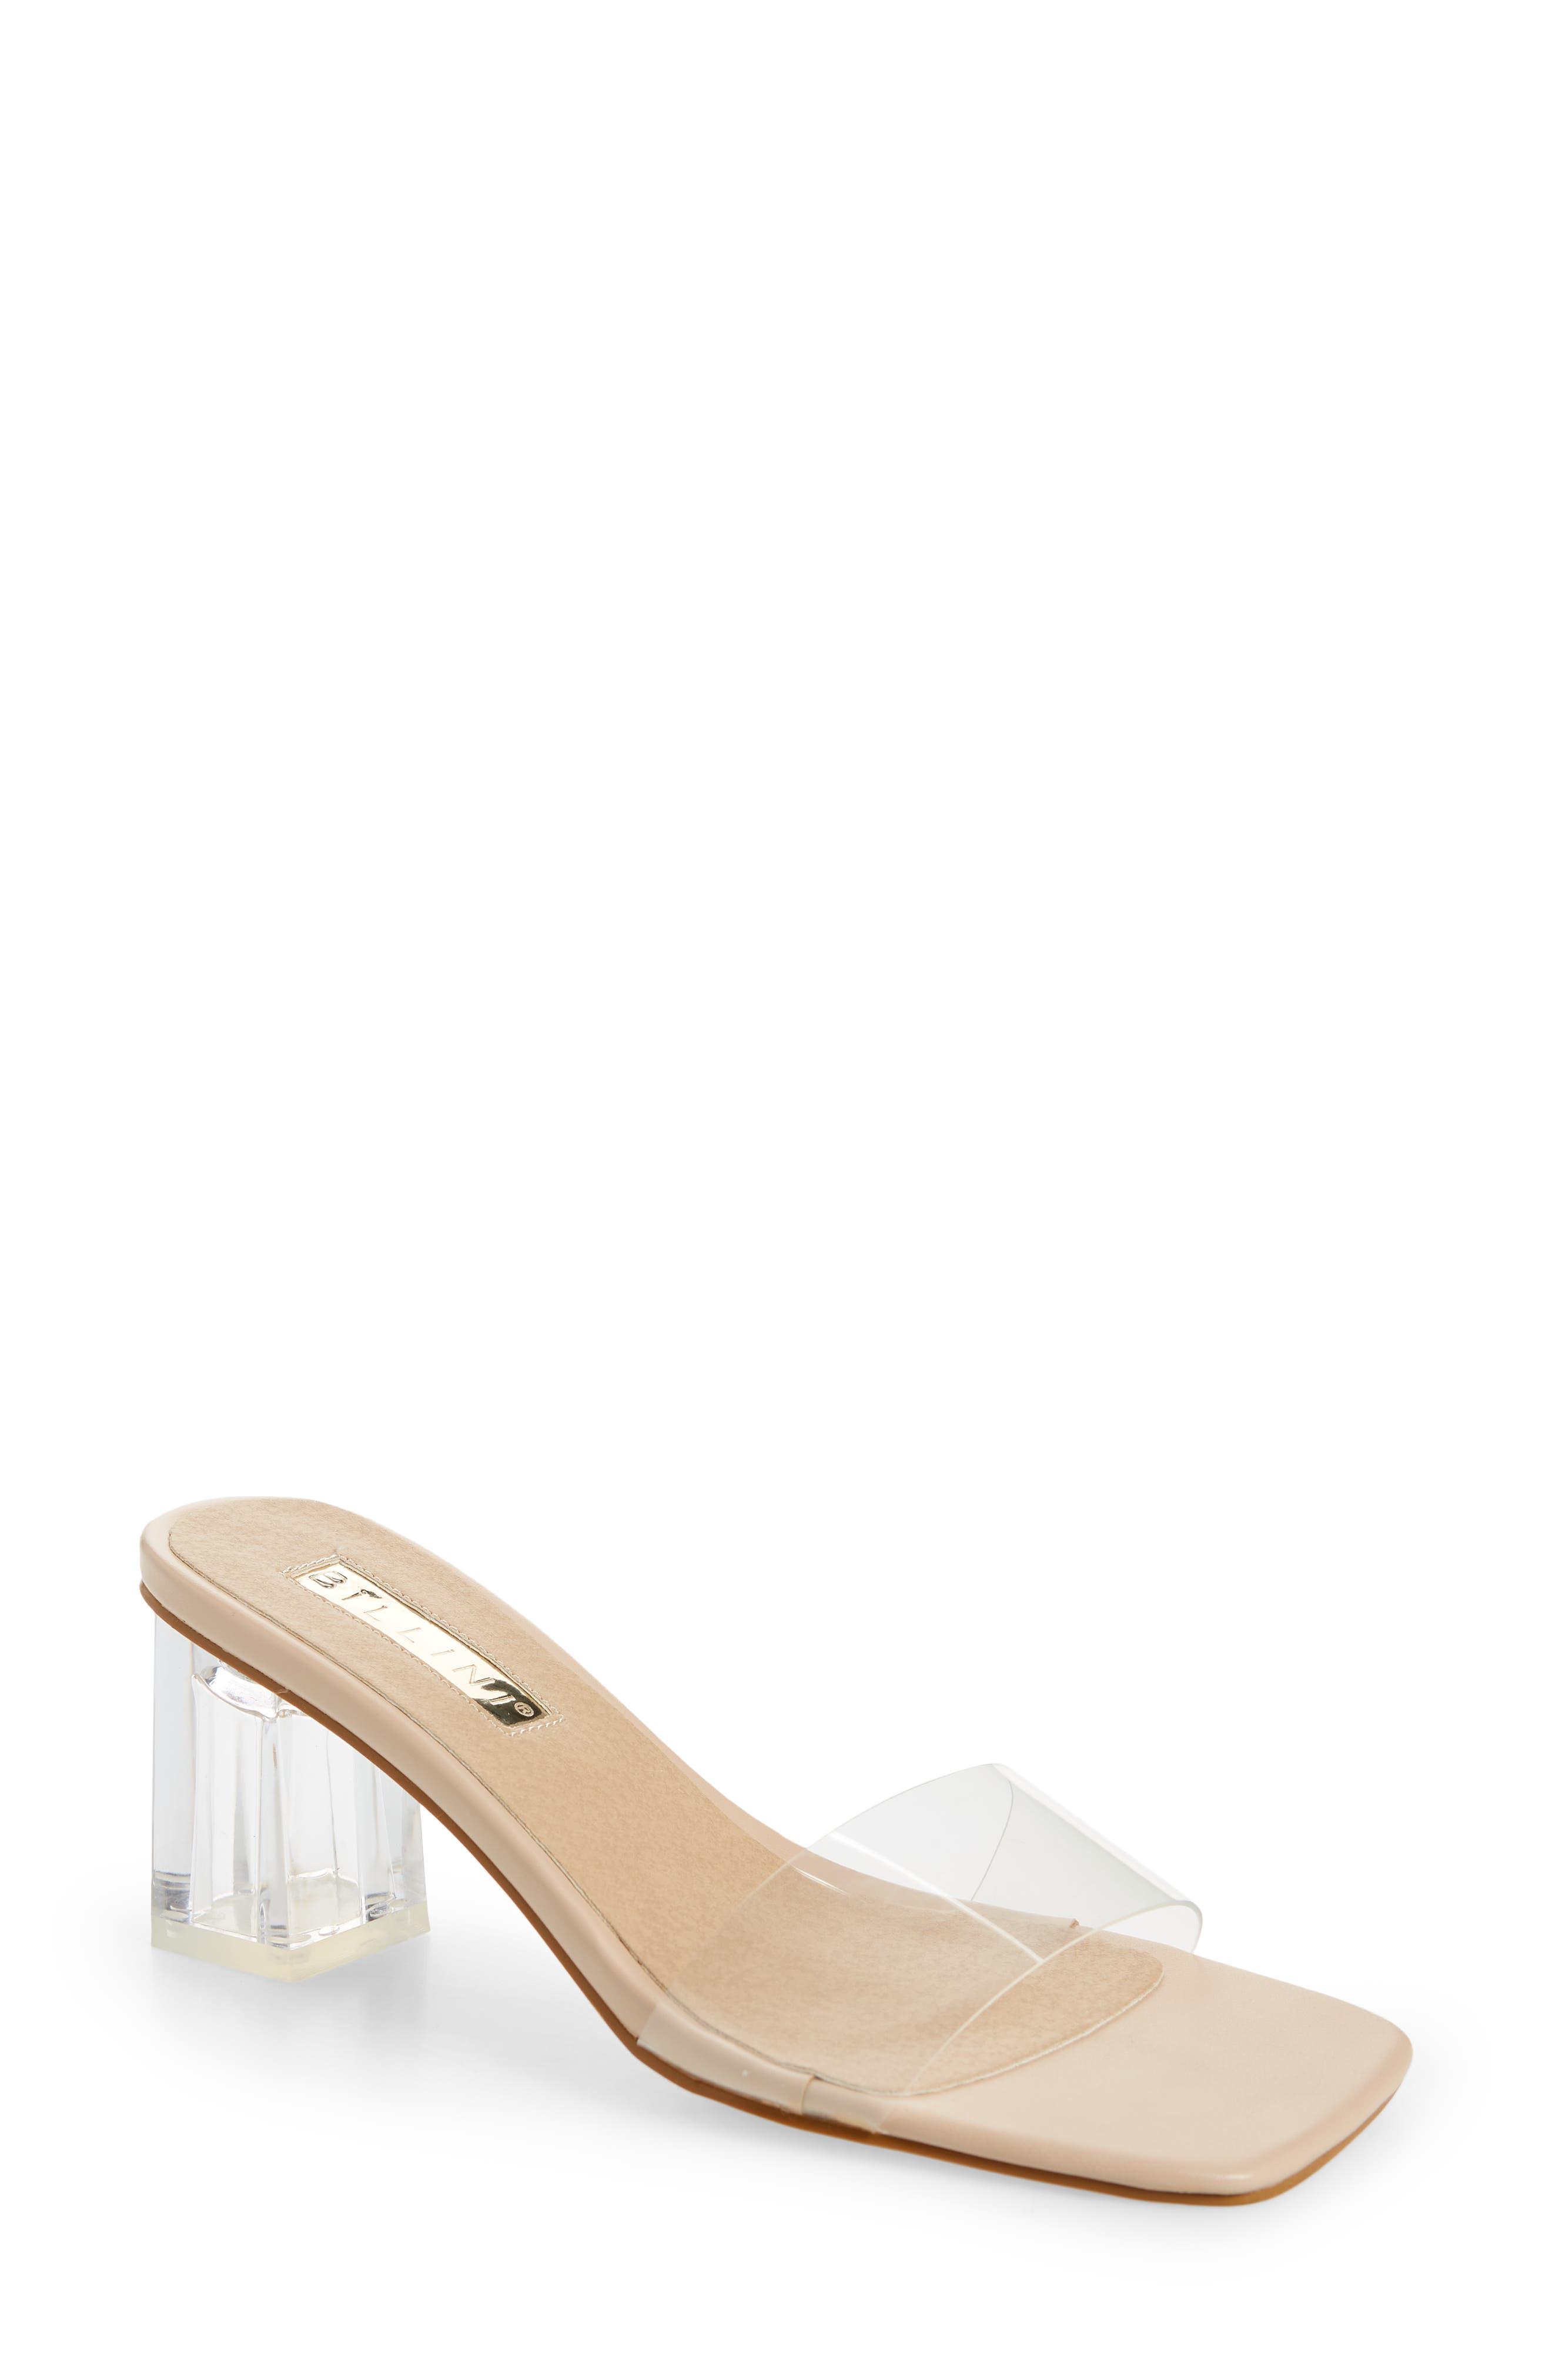 Ultra Slide Sandal